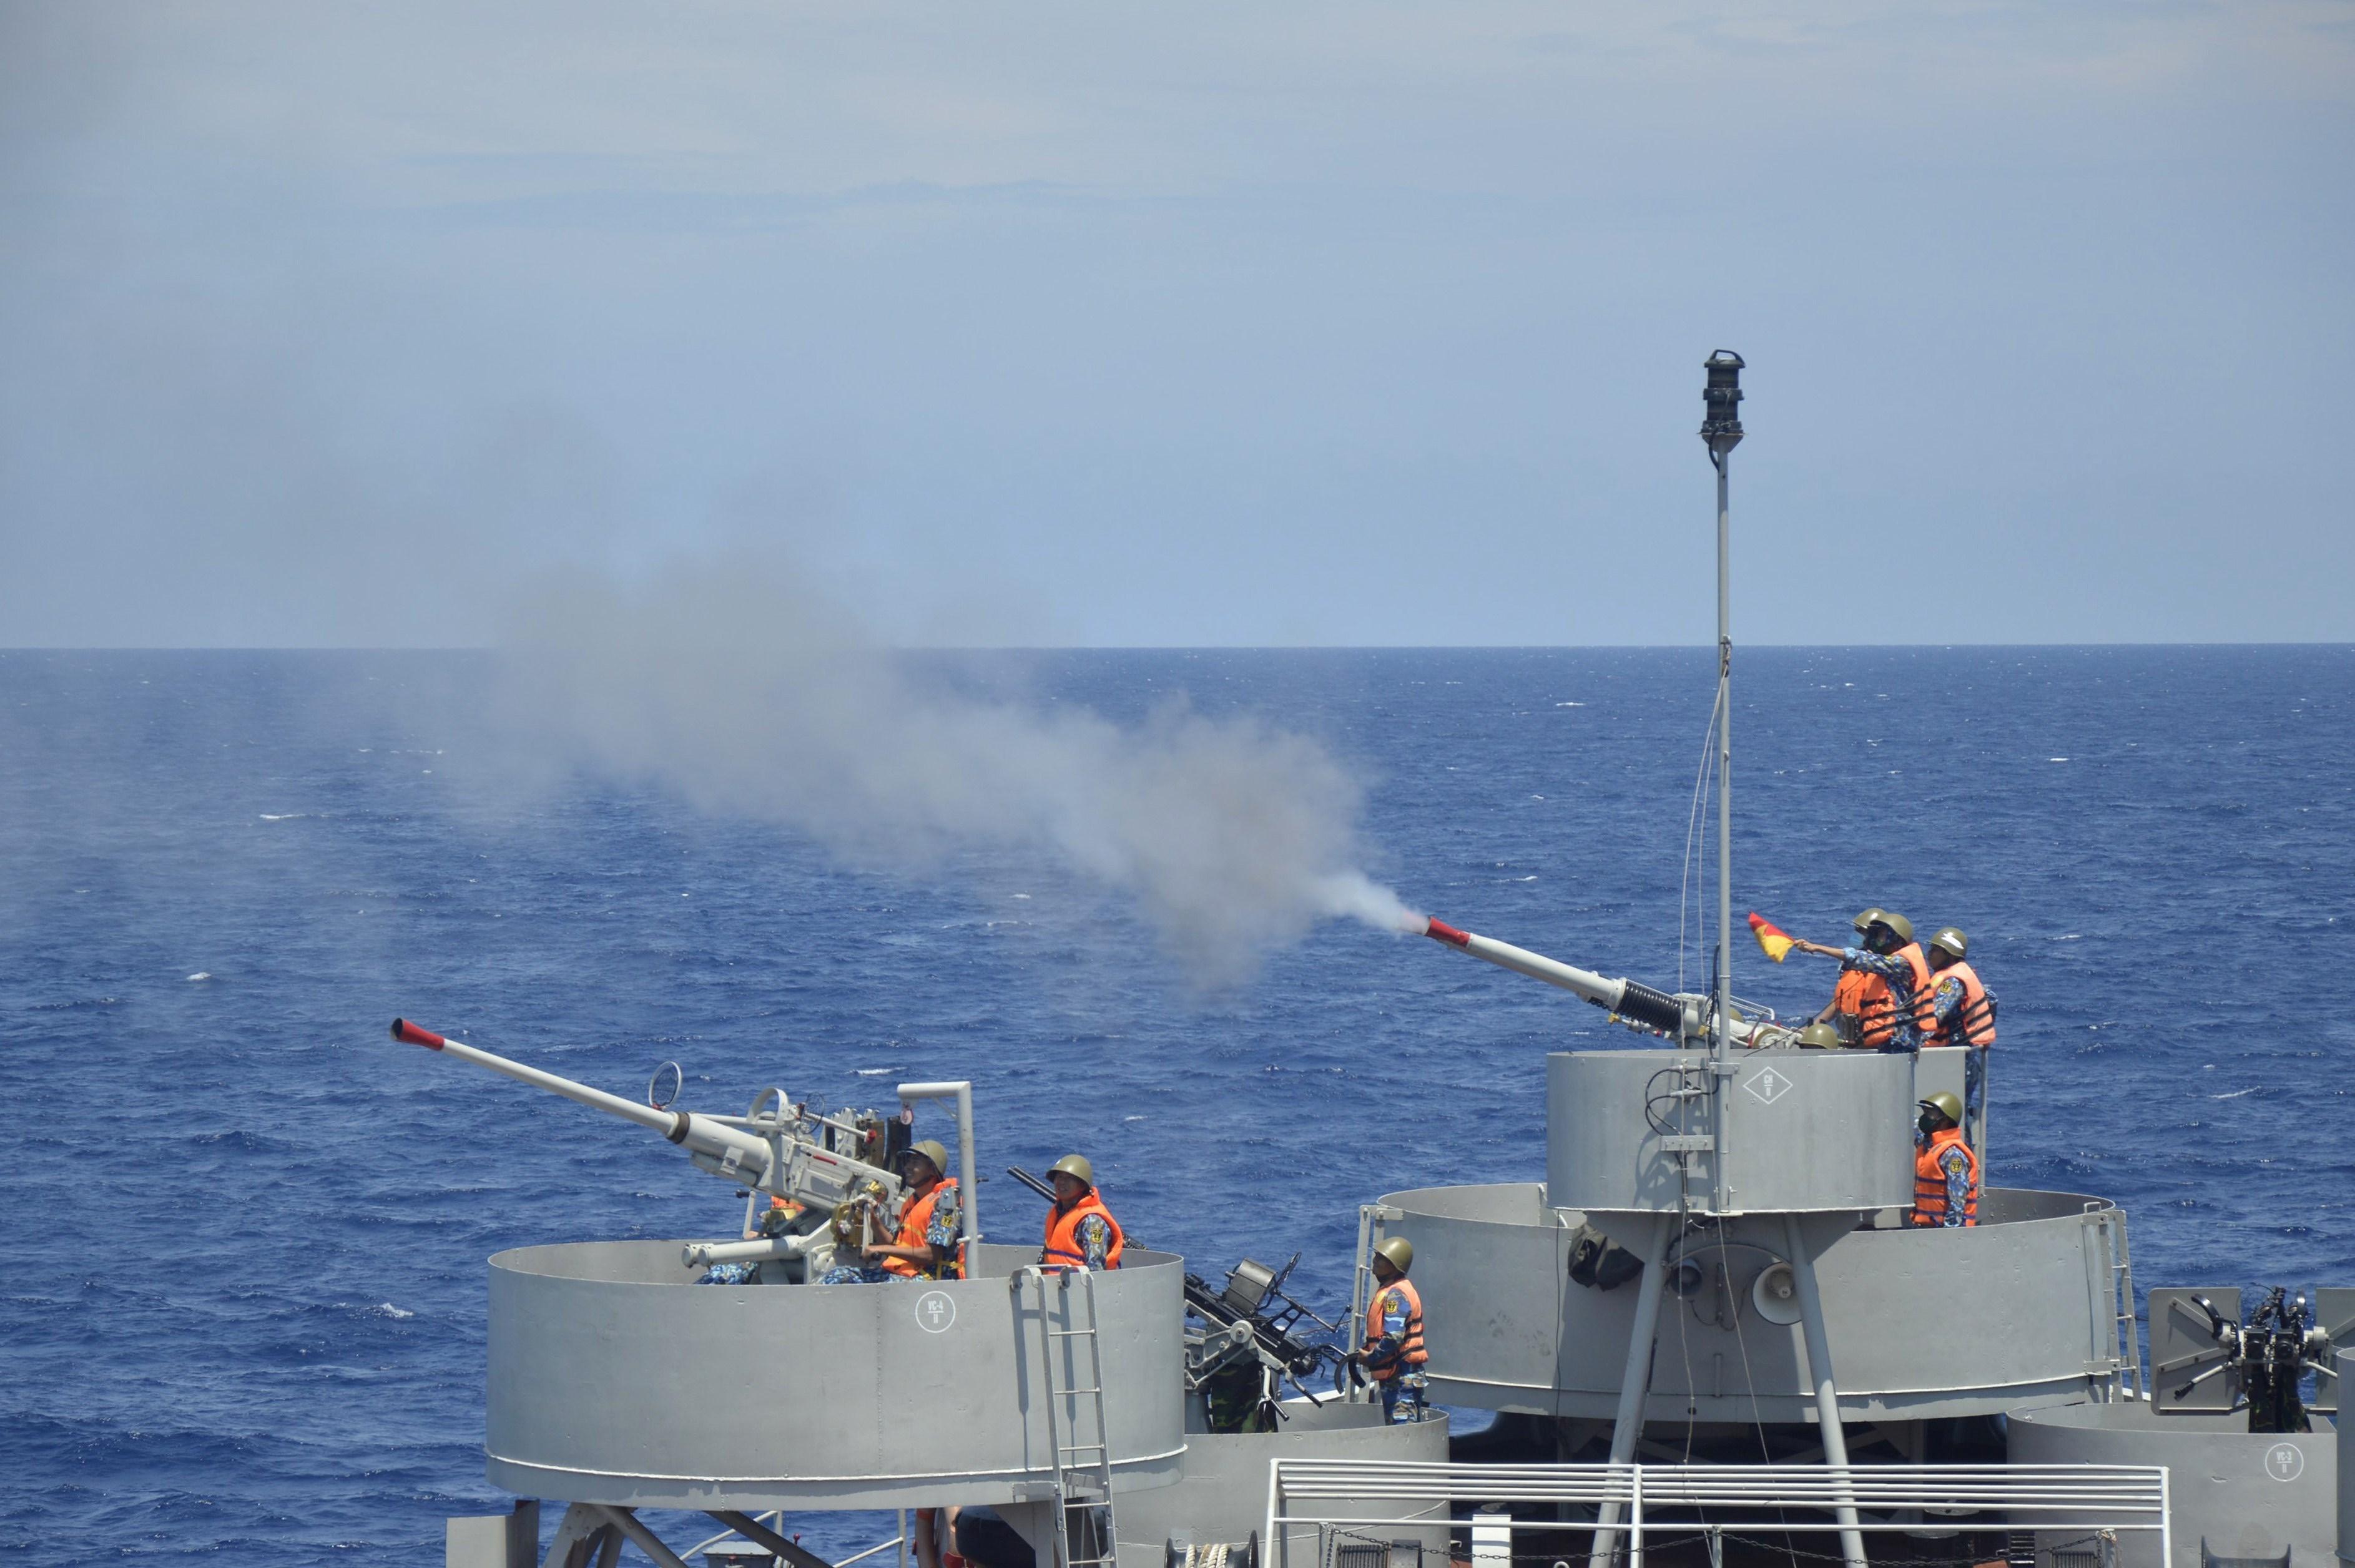 组图:海军二号司令部着力加强海上训练工作 hinh anh 4